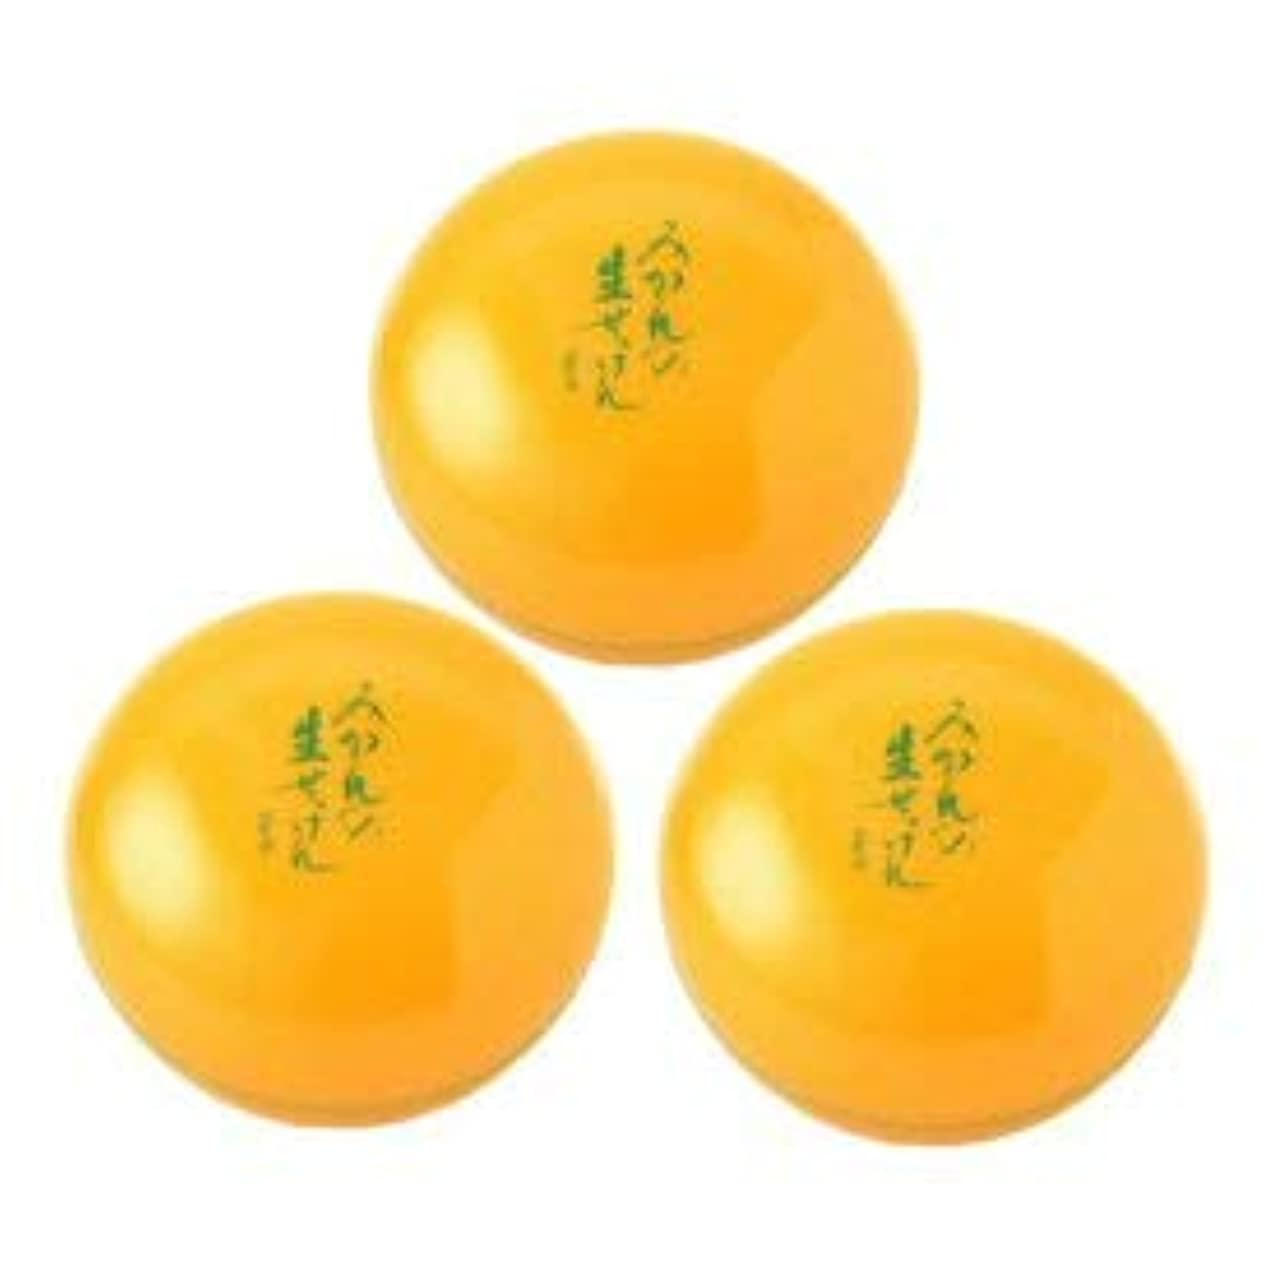 会社カバレッジ暖かくUYEKI美香柑みかんの生せっけん50g×3個セット